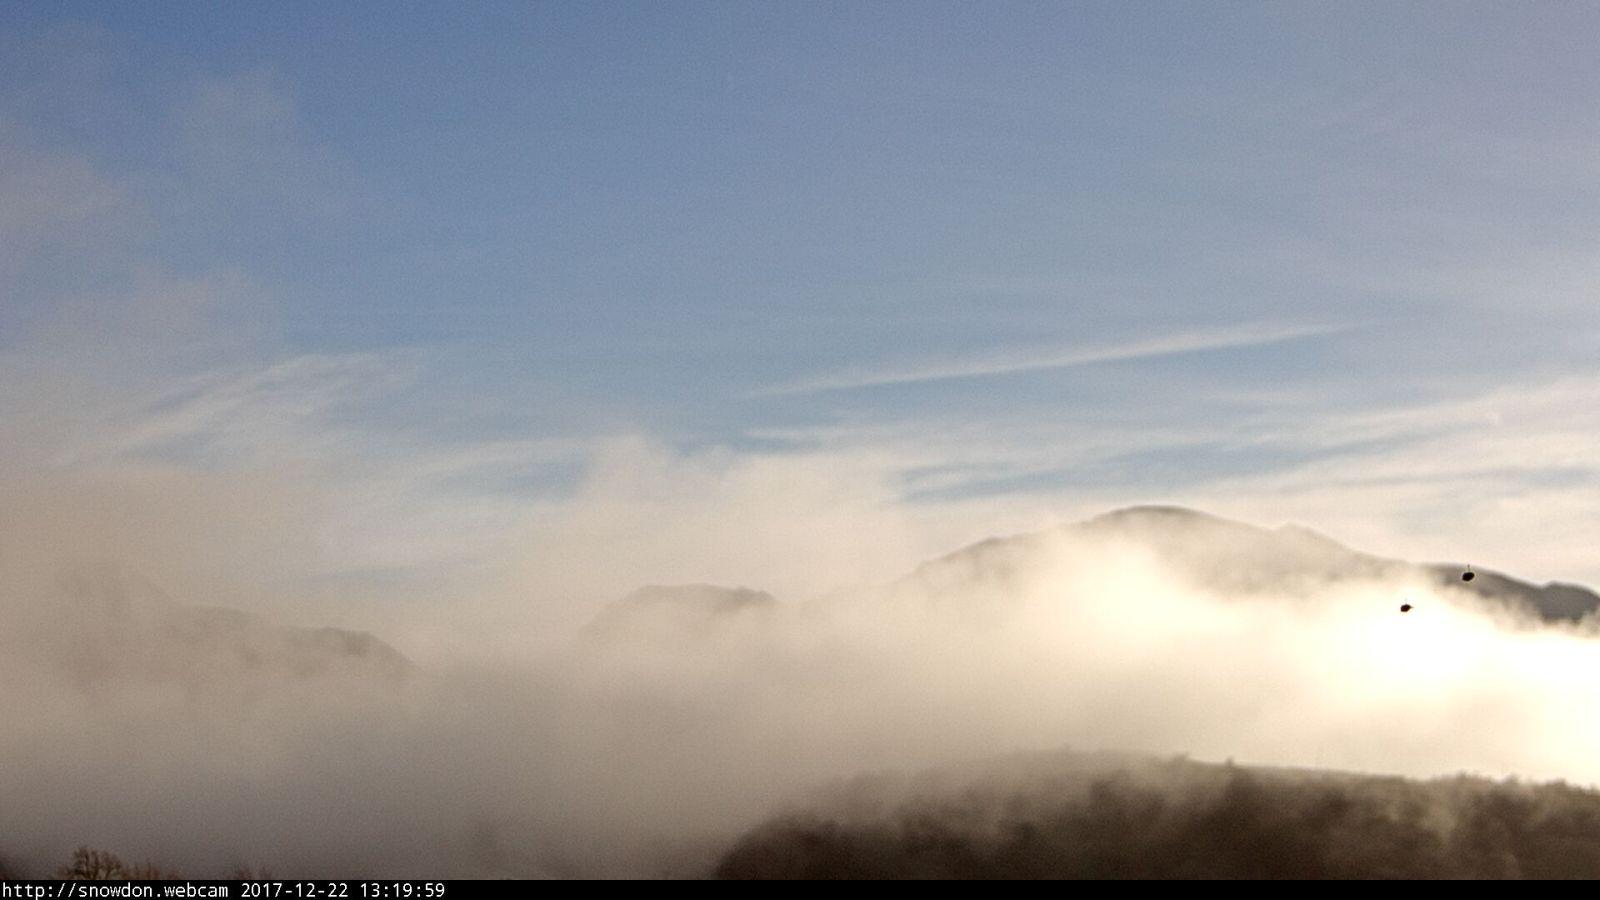 Snowdonia Webcam